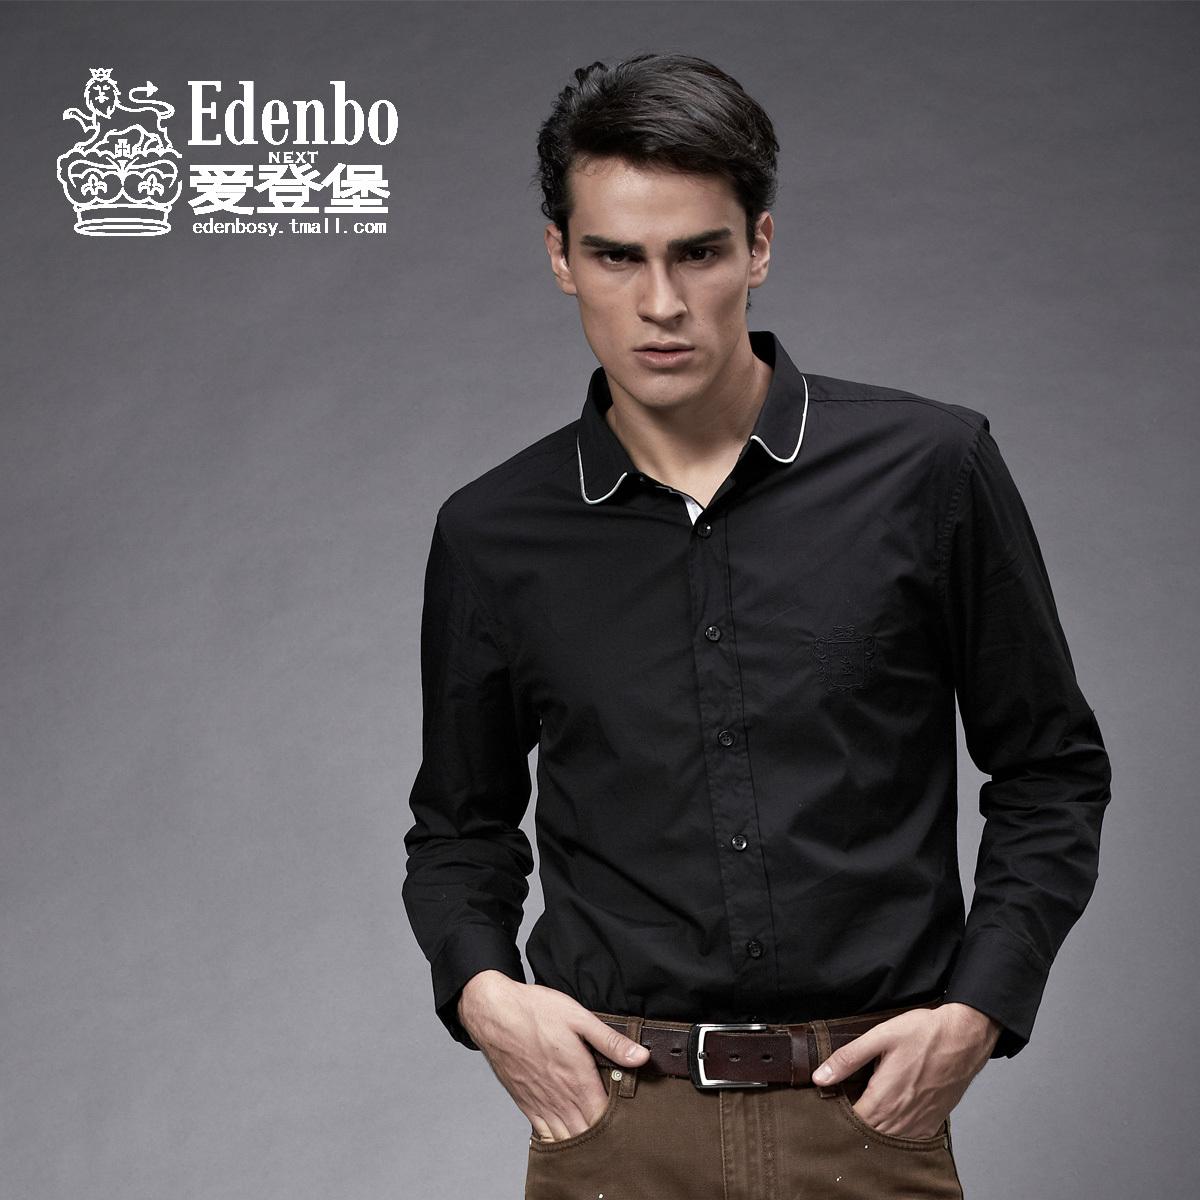 爱登堡 正品 英伦时尚新款 衬衣 男装上衣 衬衫 男 15